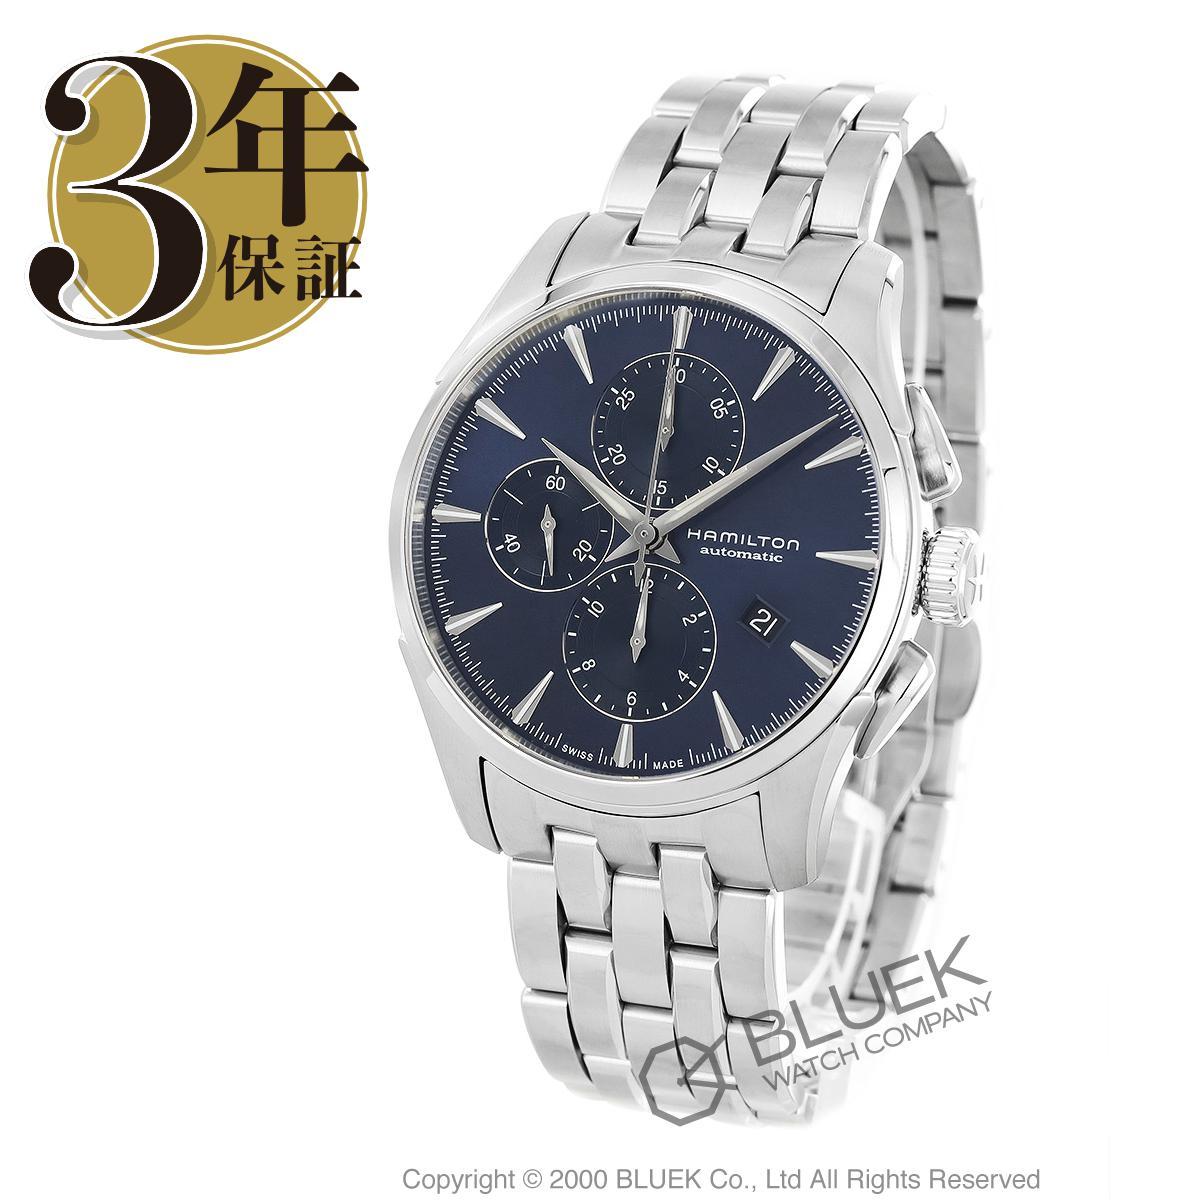 ハミルトン ジャズマスター オート クロノ クロノグラフ 腕時計 メンズ HAMILTON H32586141_3